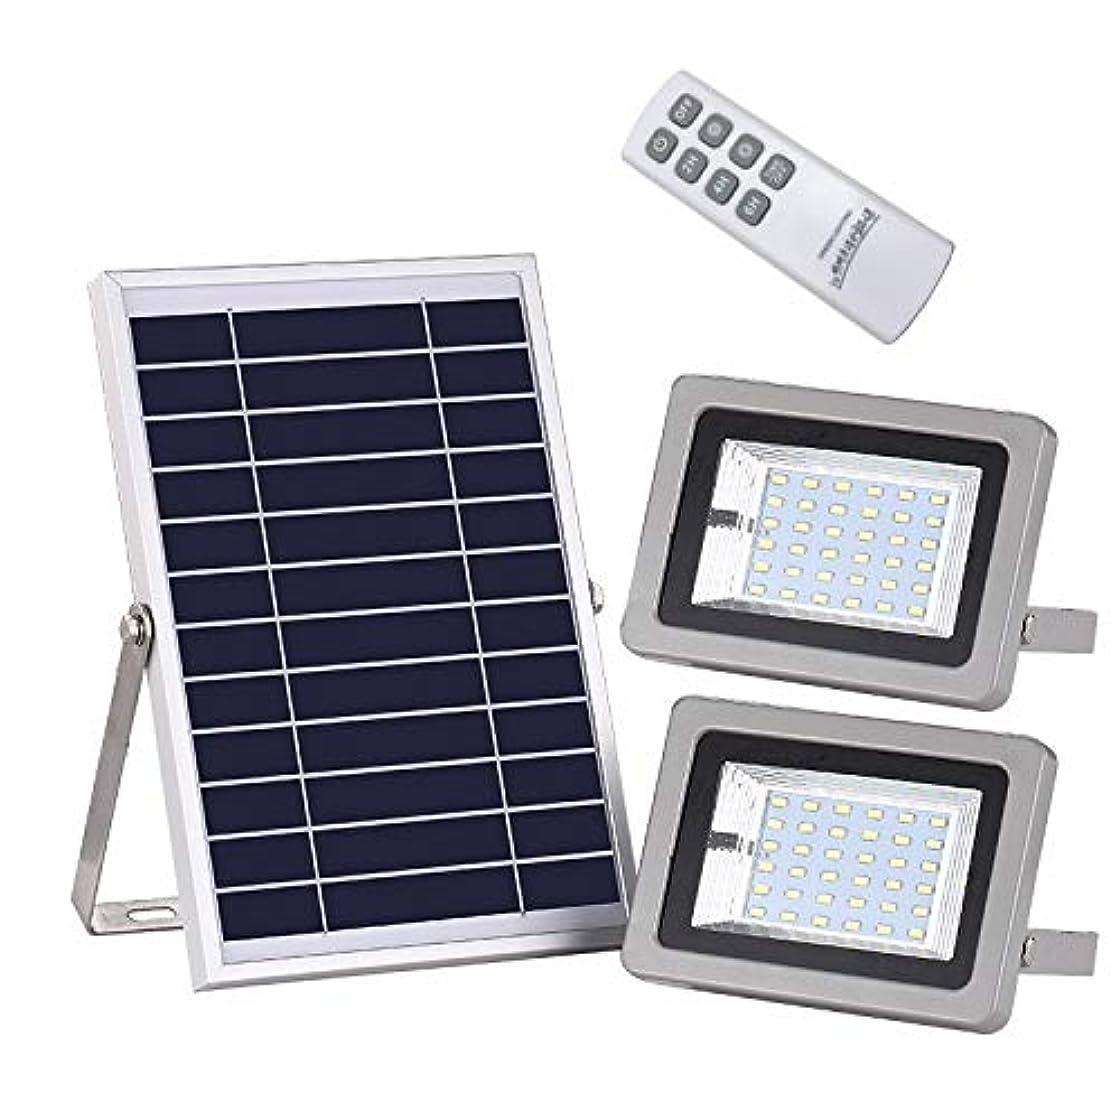 トレッドできる記事屋外用LEDガーデンライト×2灯セット ソーラー充電式 高輝度LED36灯 最大出力40W IP65防水 夜間自動点灯 リモコン操作対応 太陽光充電で経済的 FMTSL383B